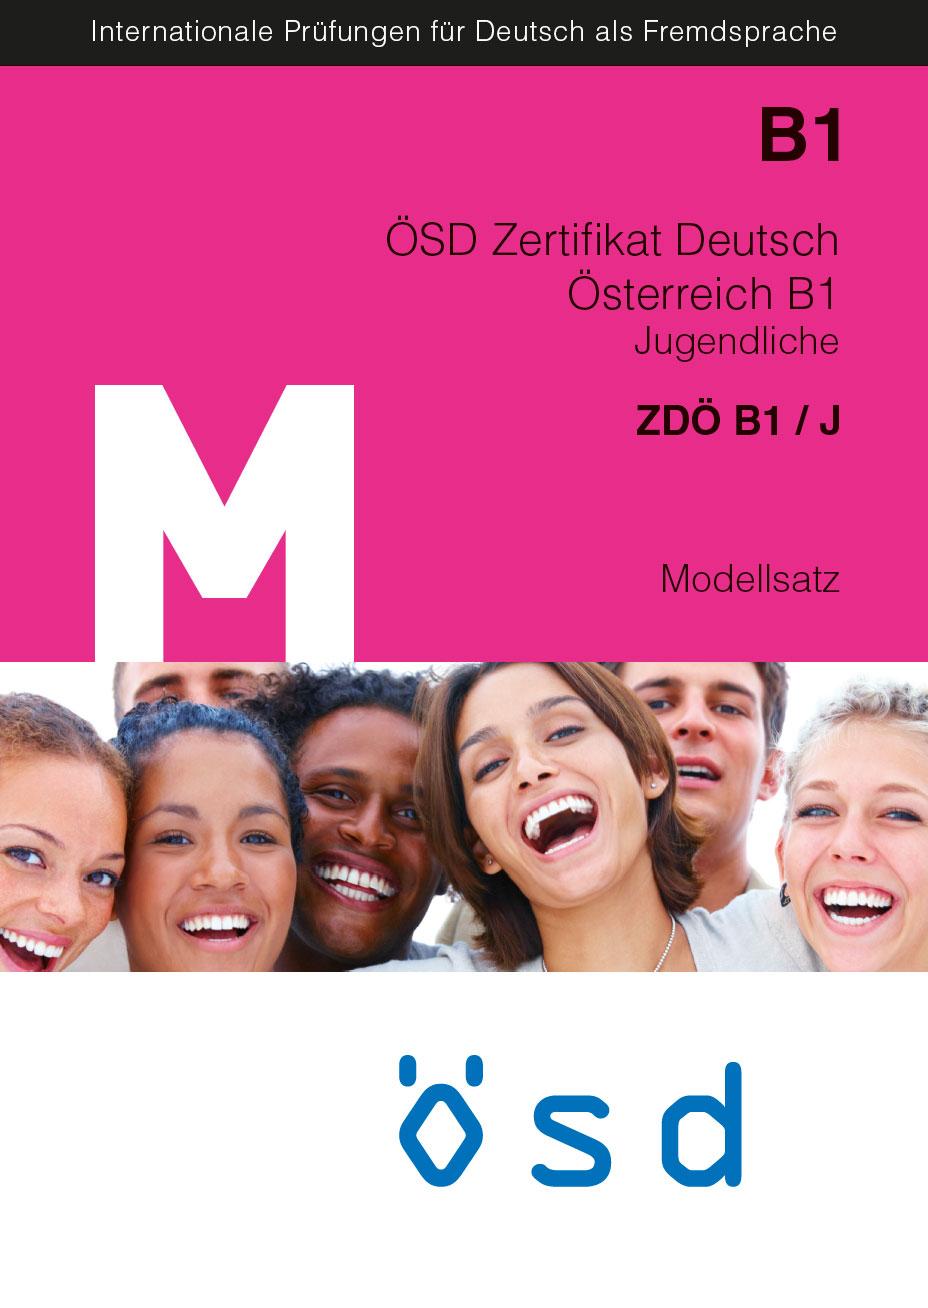 ösd Zertifikat Deutsch österreich B1 Jugendliche Zdö B1j Osd